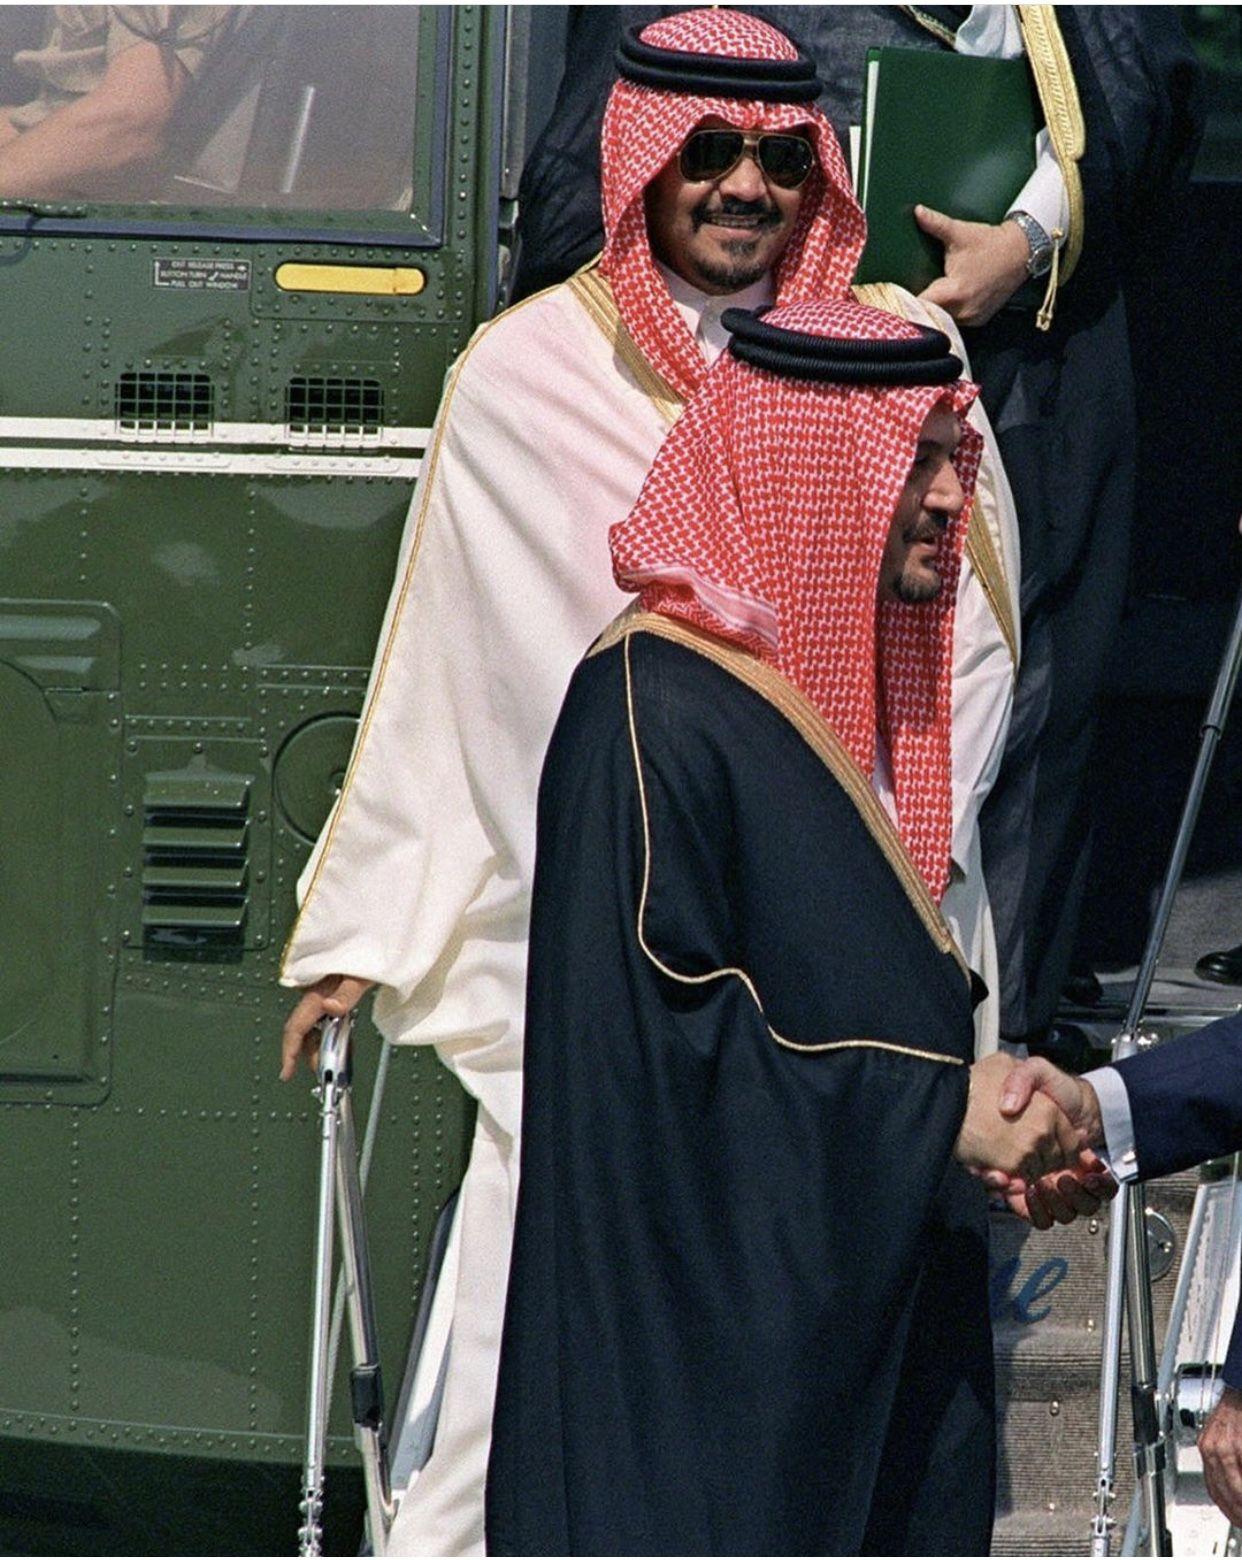 Pin By Yamqassim On سعود Saudi Arabia Culture King Faisal Ksa Saudi Arabia